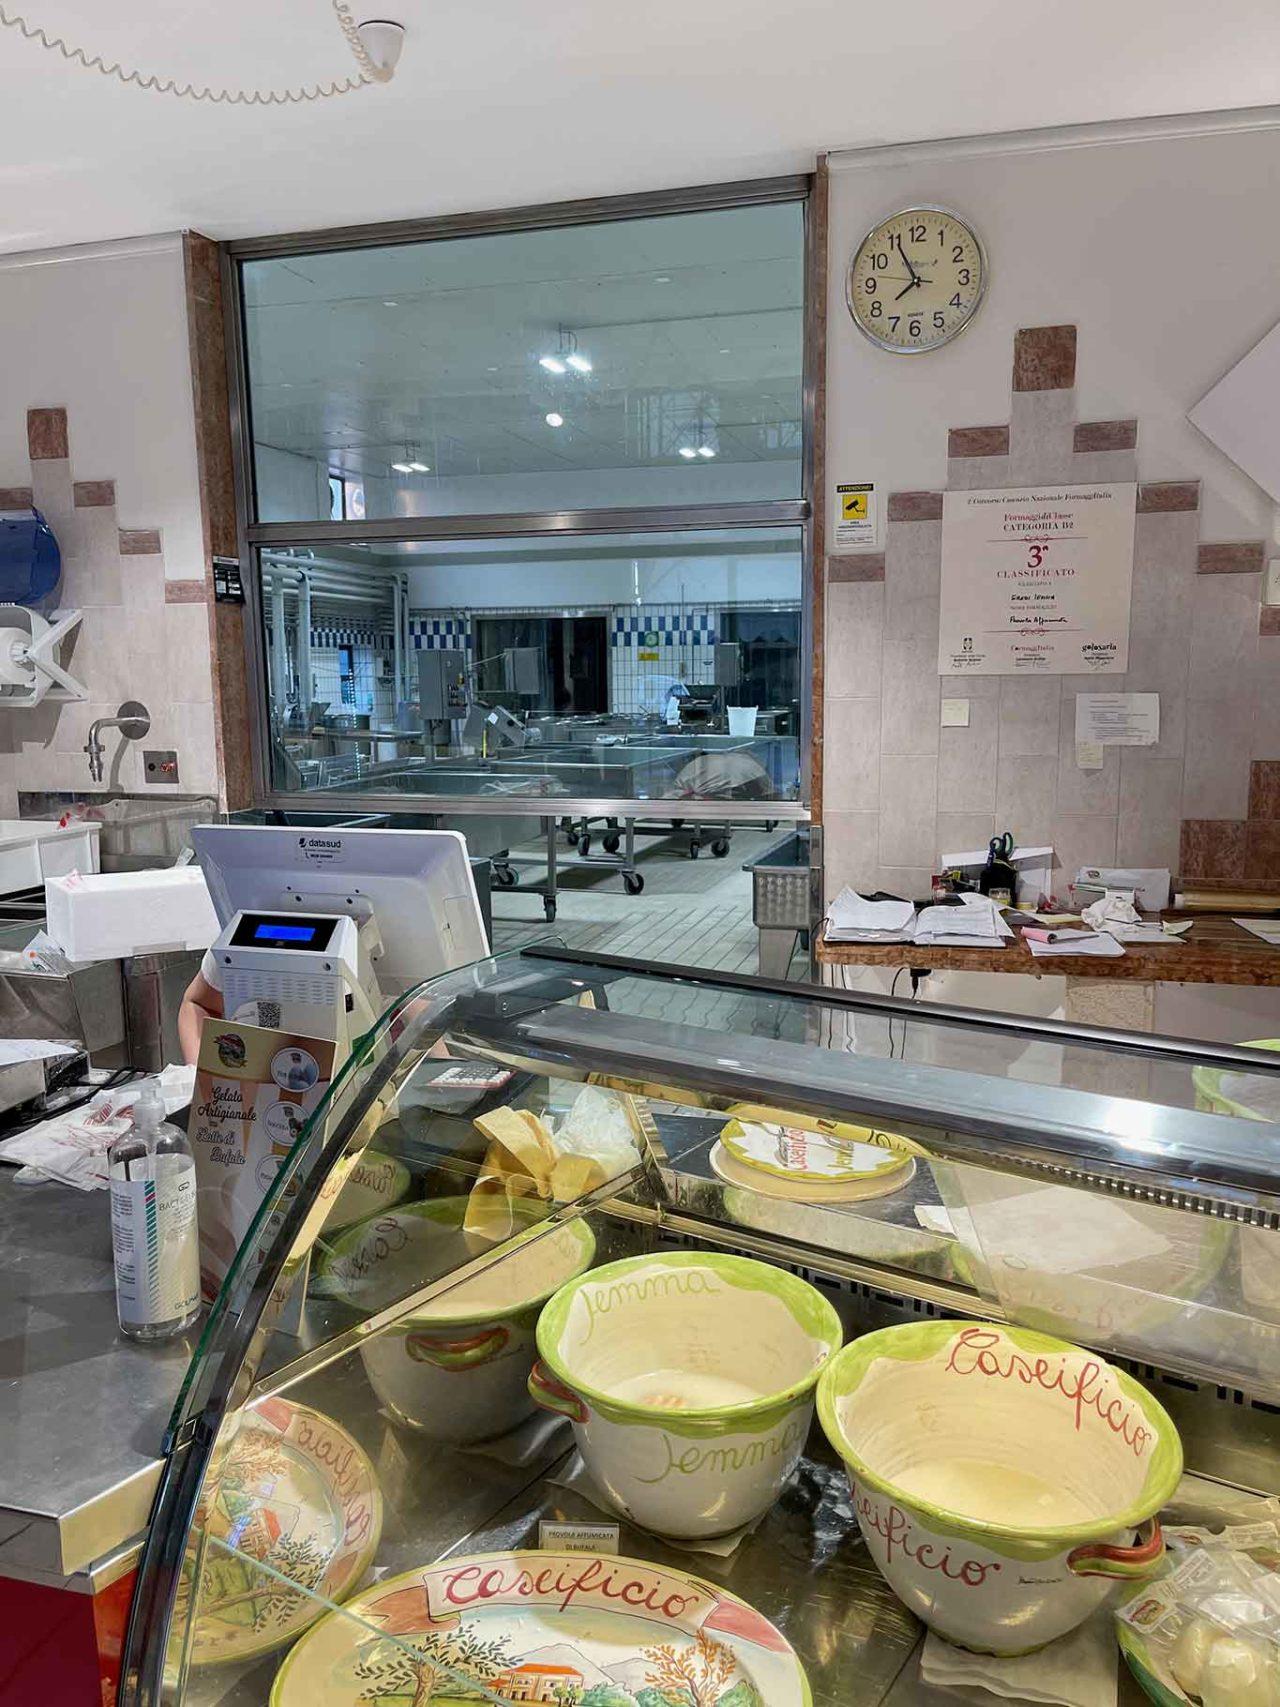 migliori mozzarelle di bufala a Caserta e a Salerno: Jemma